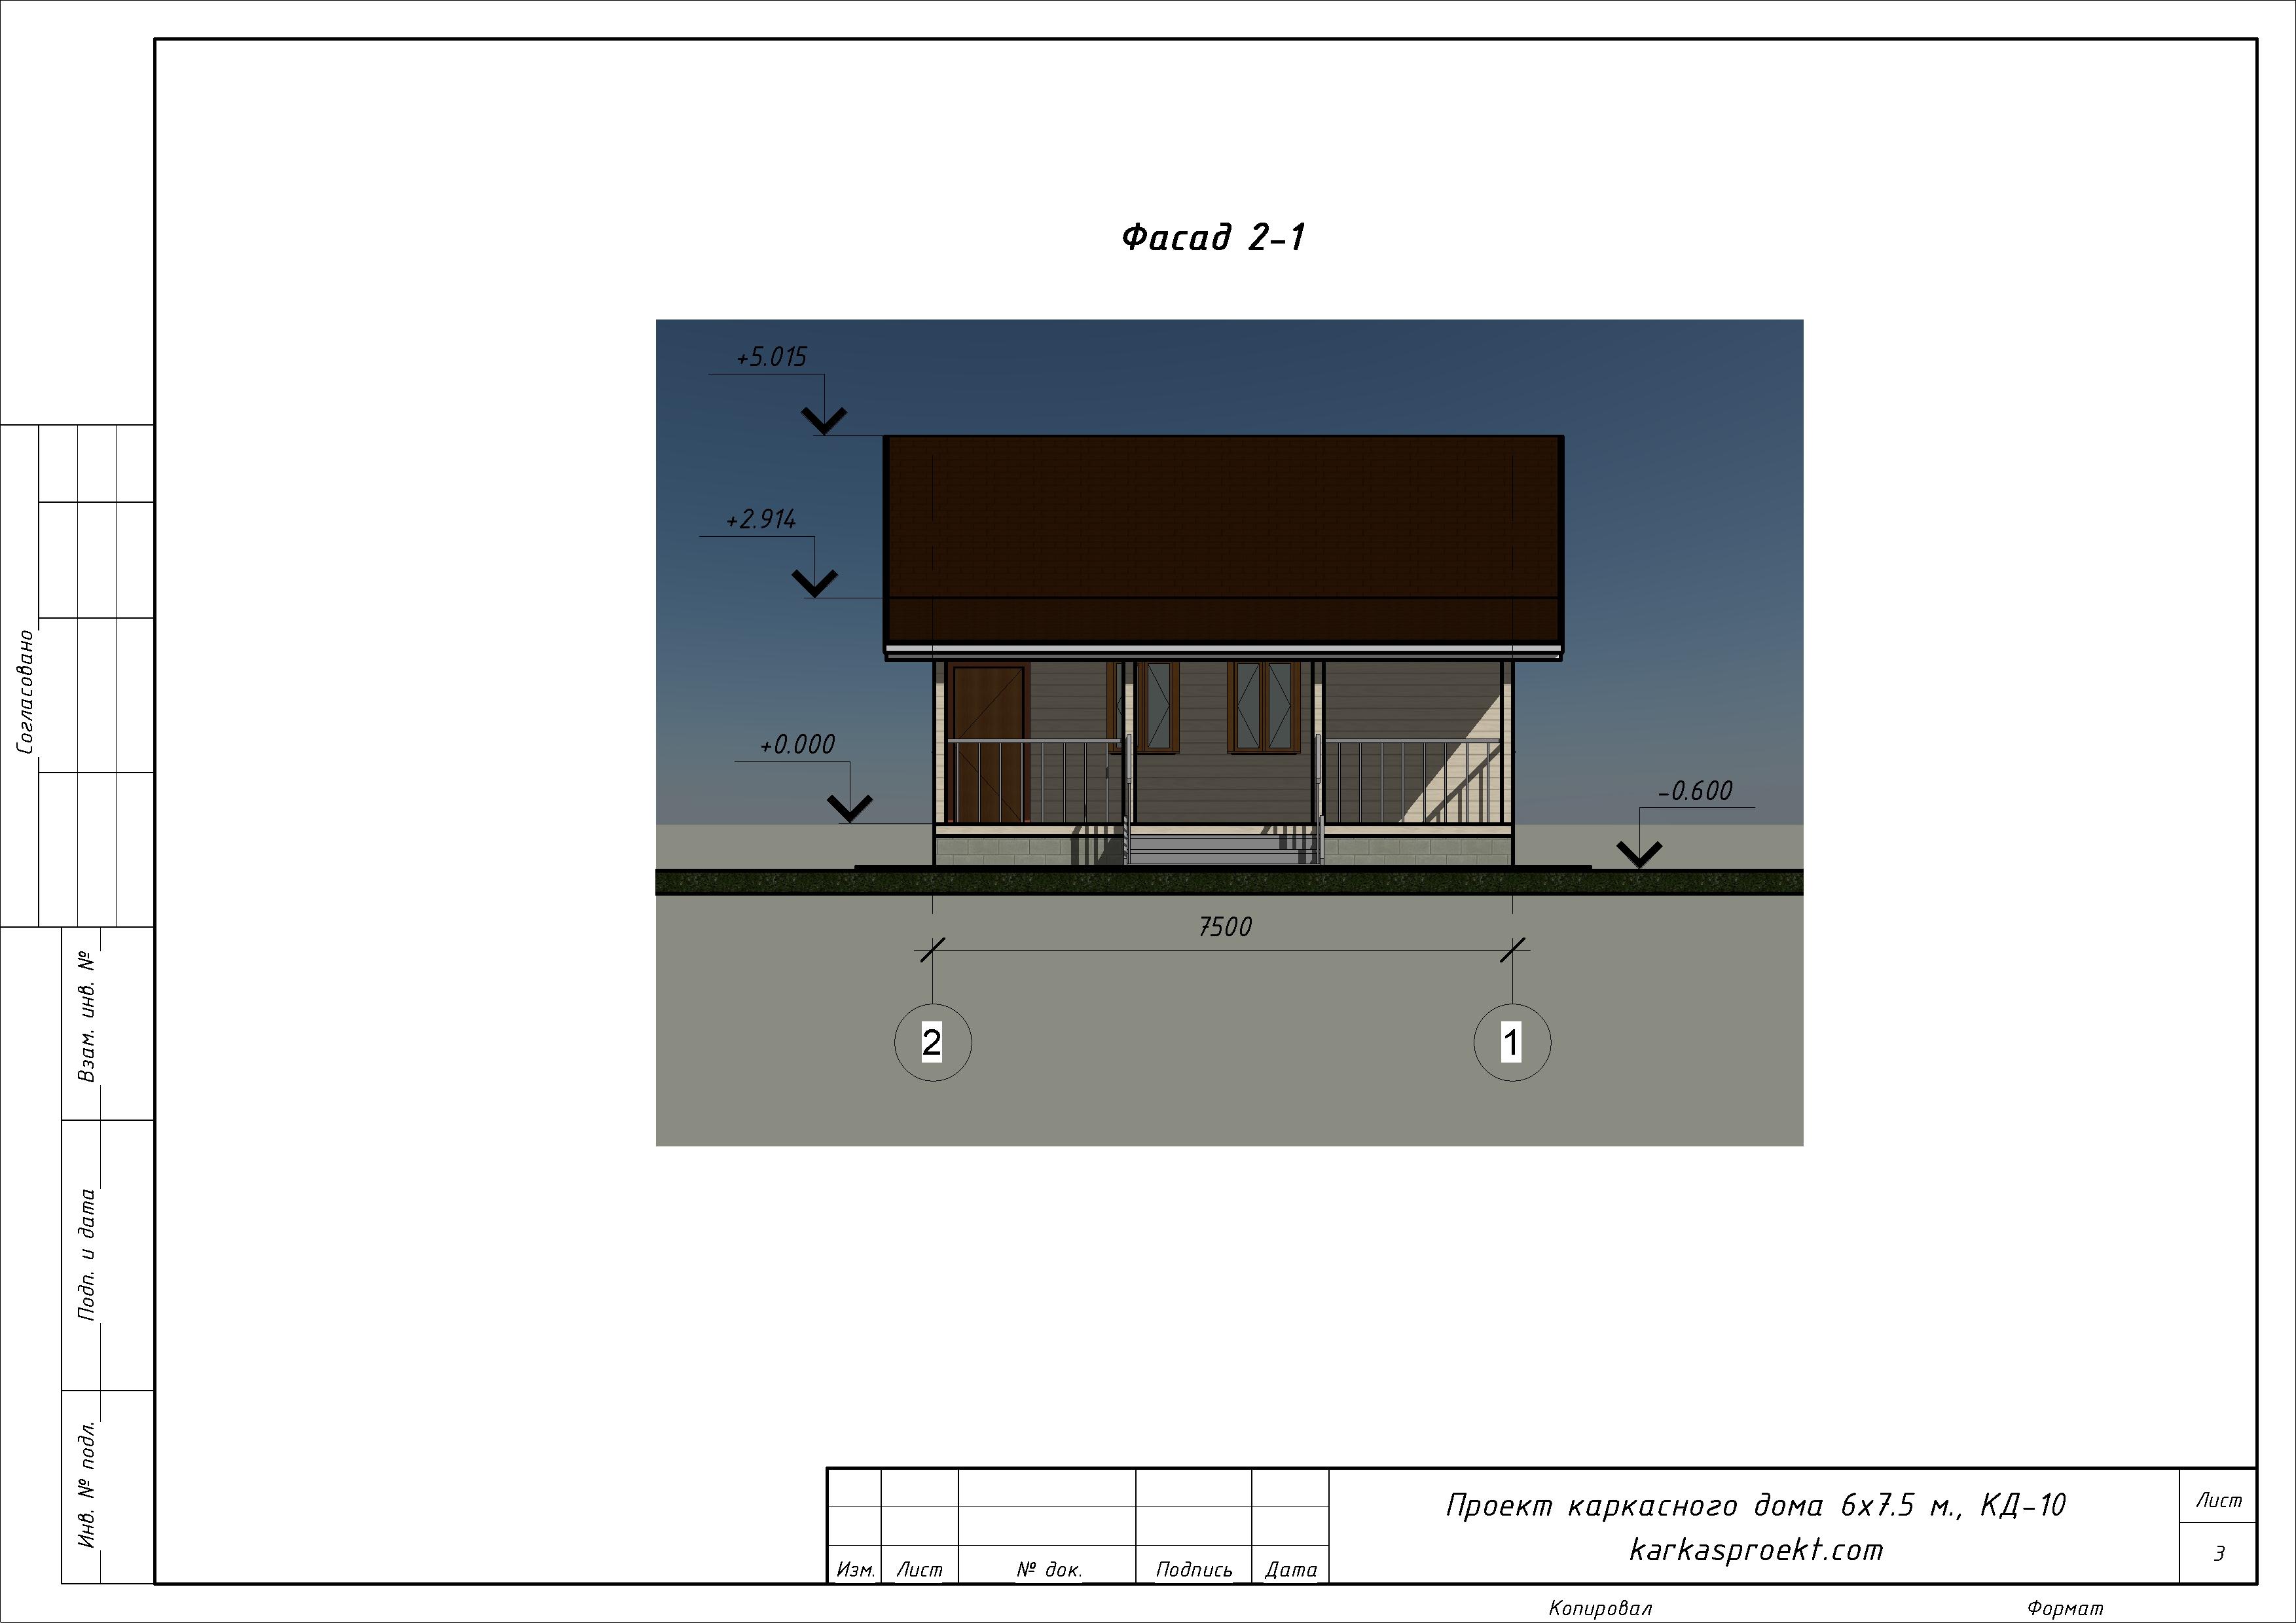 КД-10 - Фасад 2-1